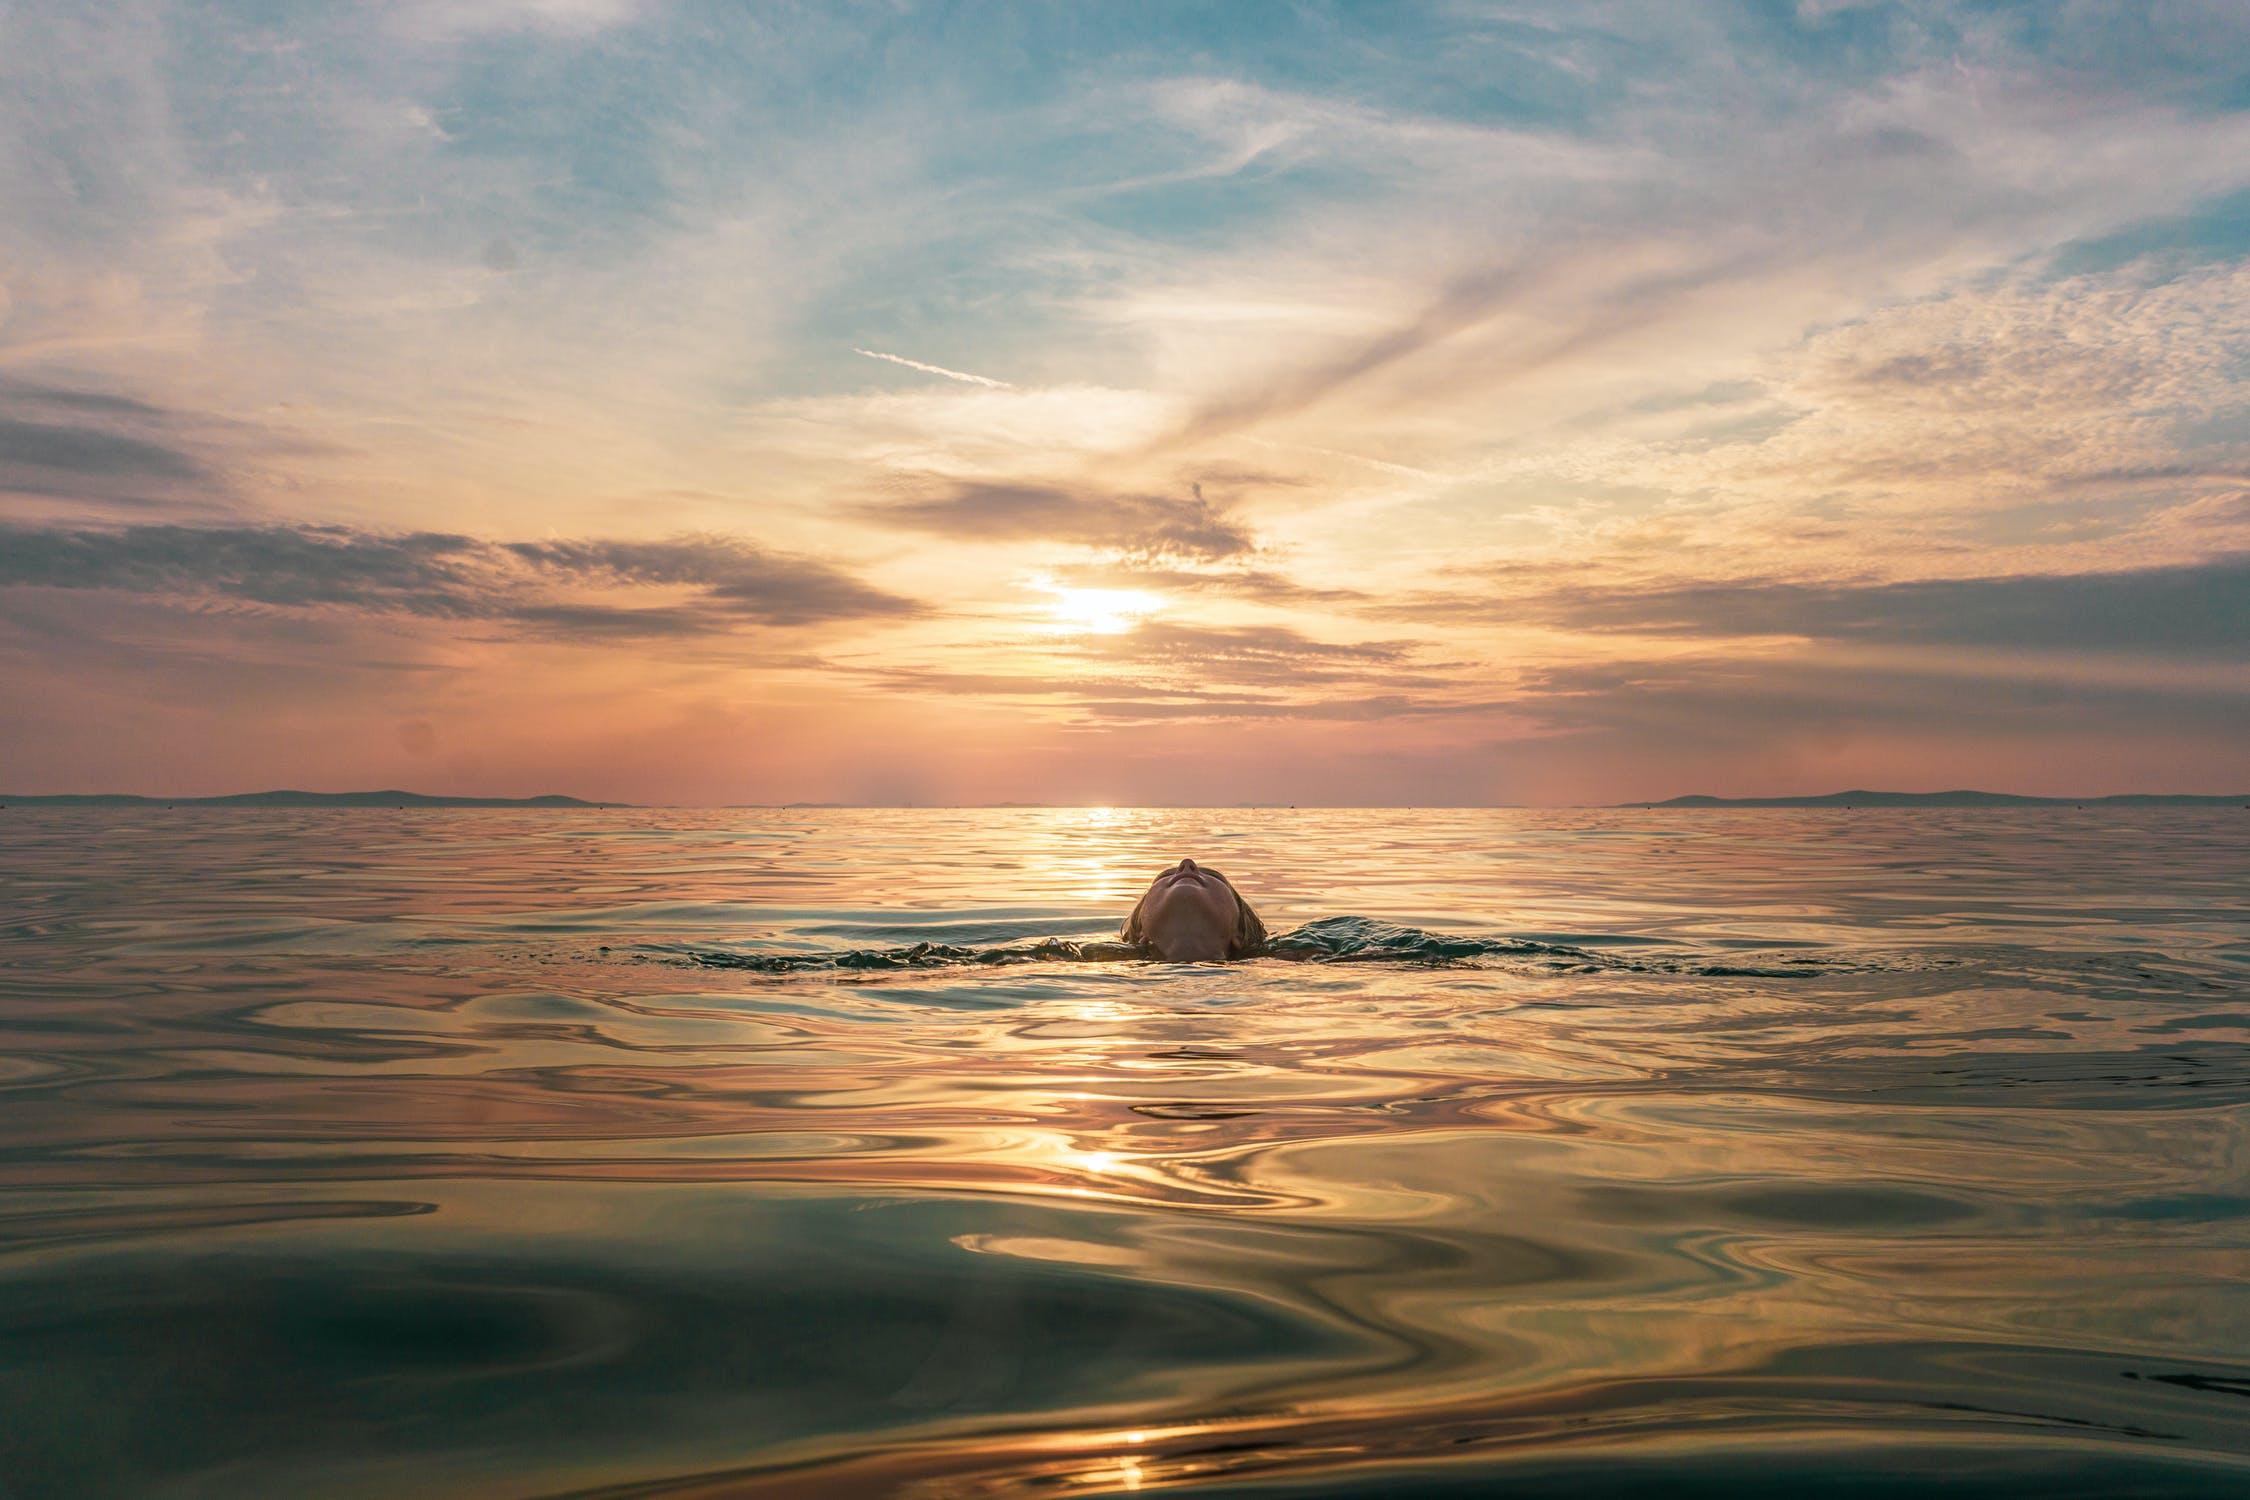 A sunset above a calm ocean